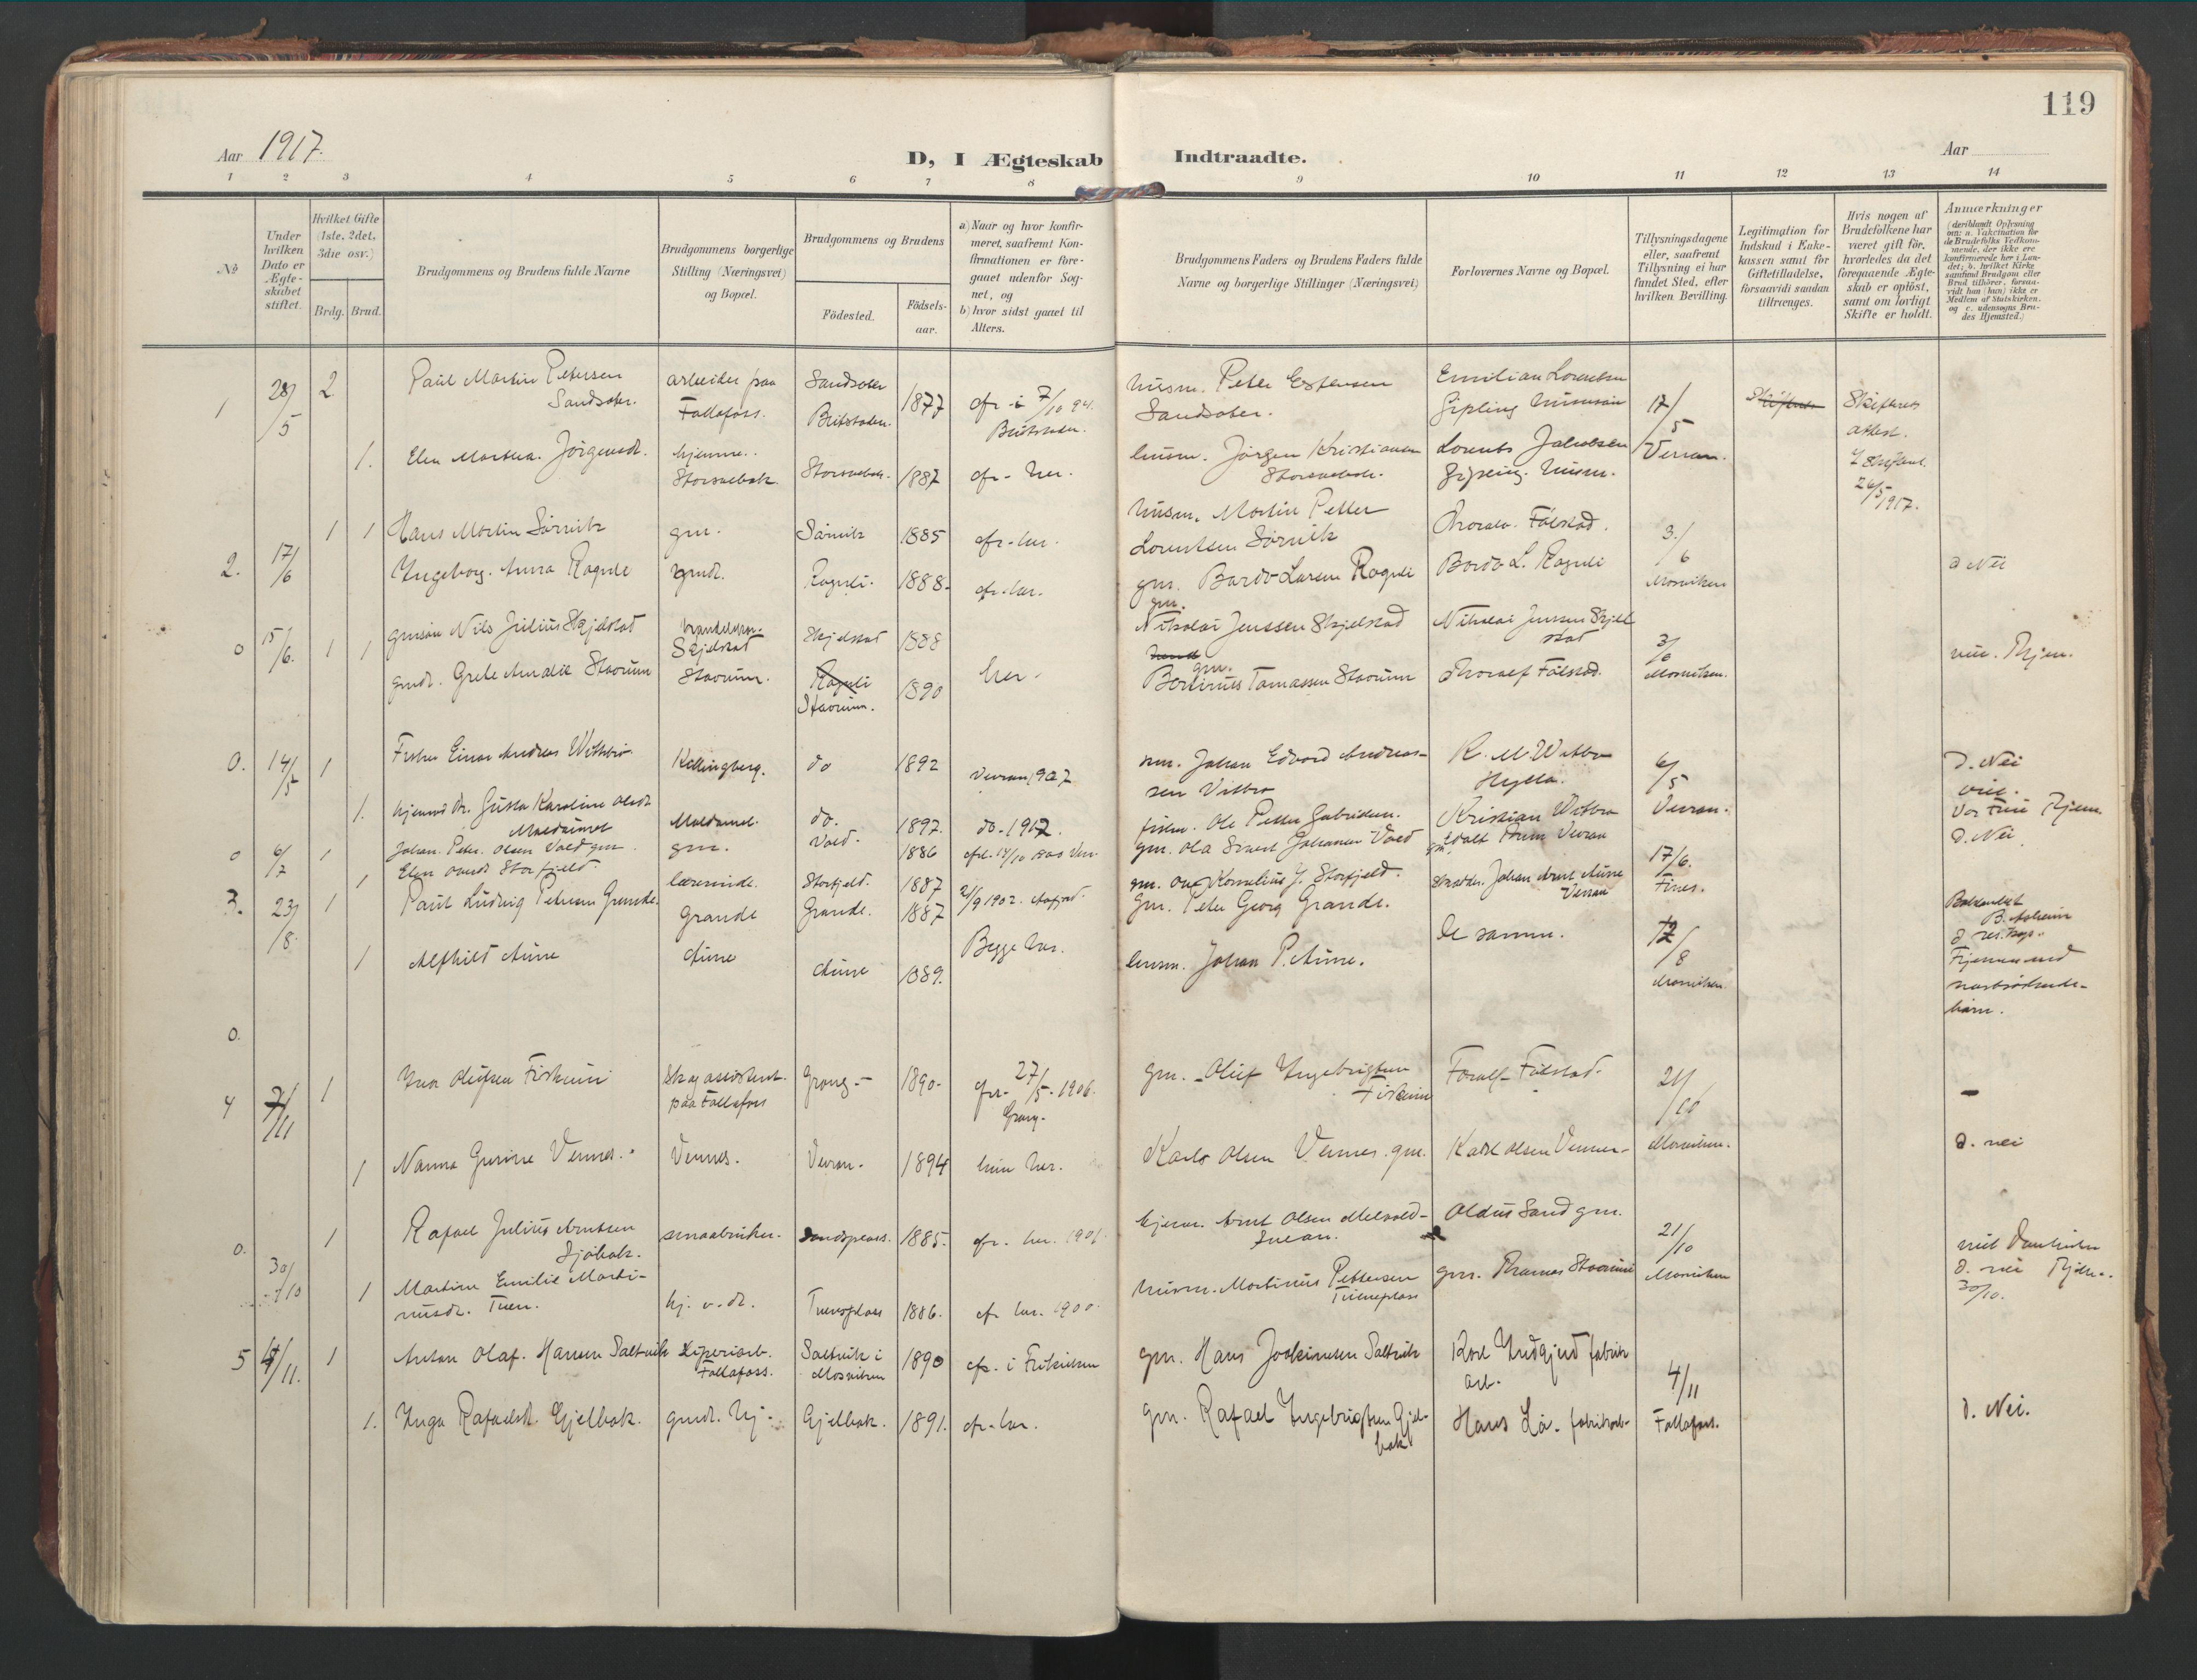 SAT, Ministerialprotokoller, klokkerbøker og fødselsregistre - Nord-Trøndelag, 744/L0421: Ministerialbok nr. 744A05, 1905-1930, s. 119